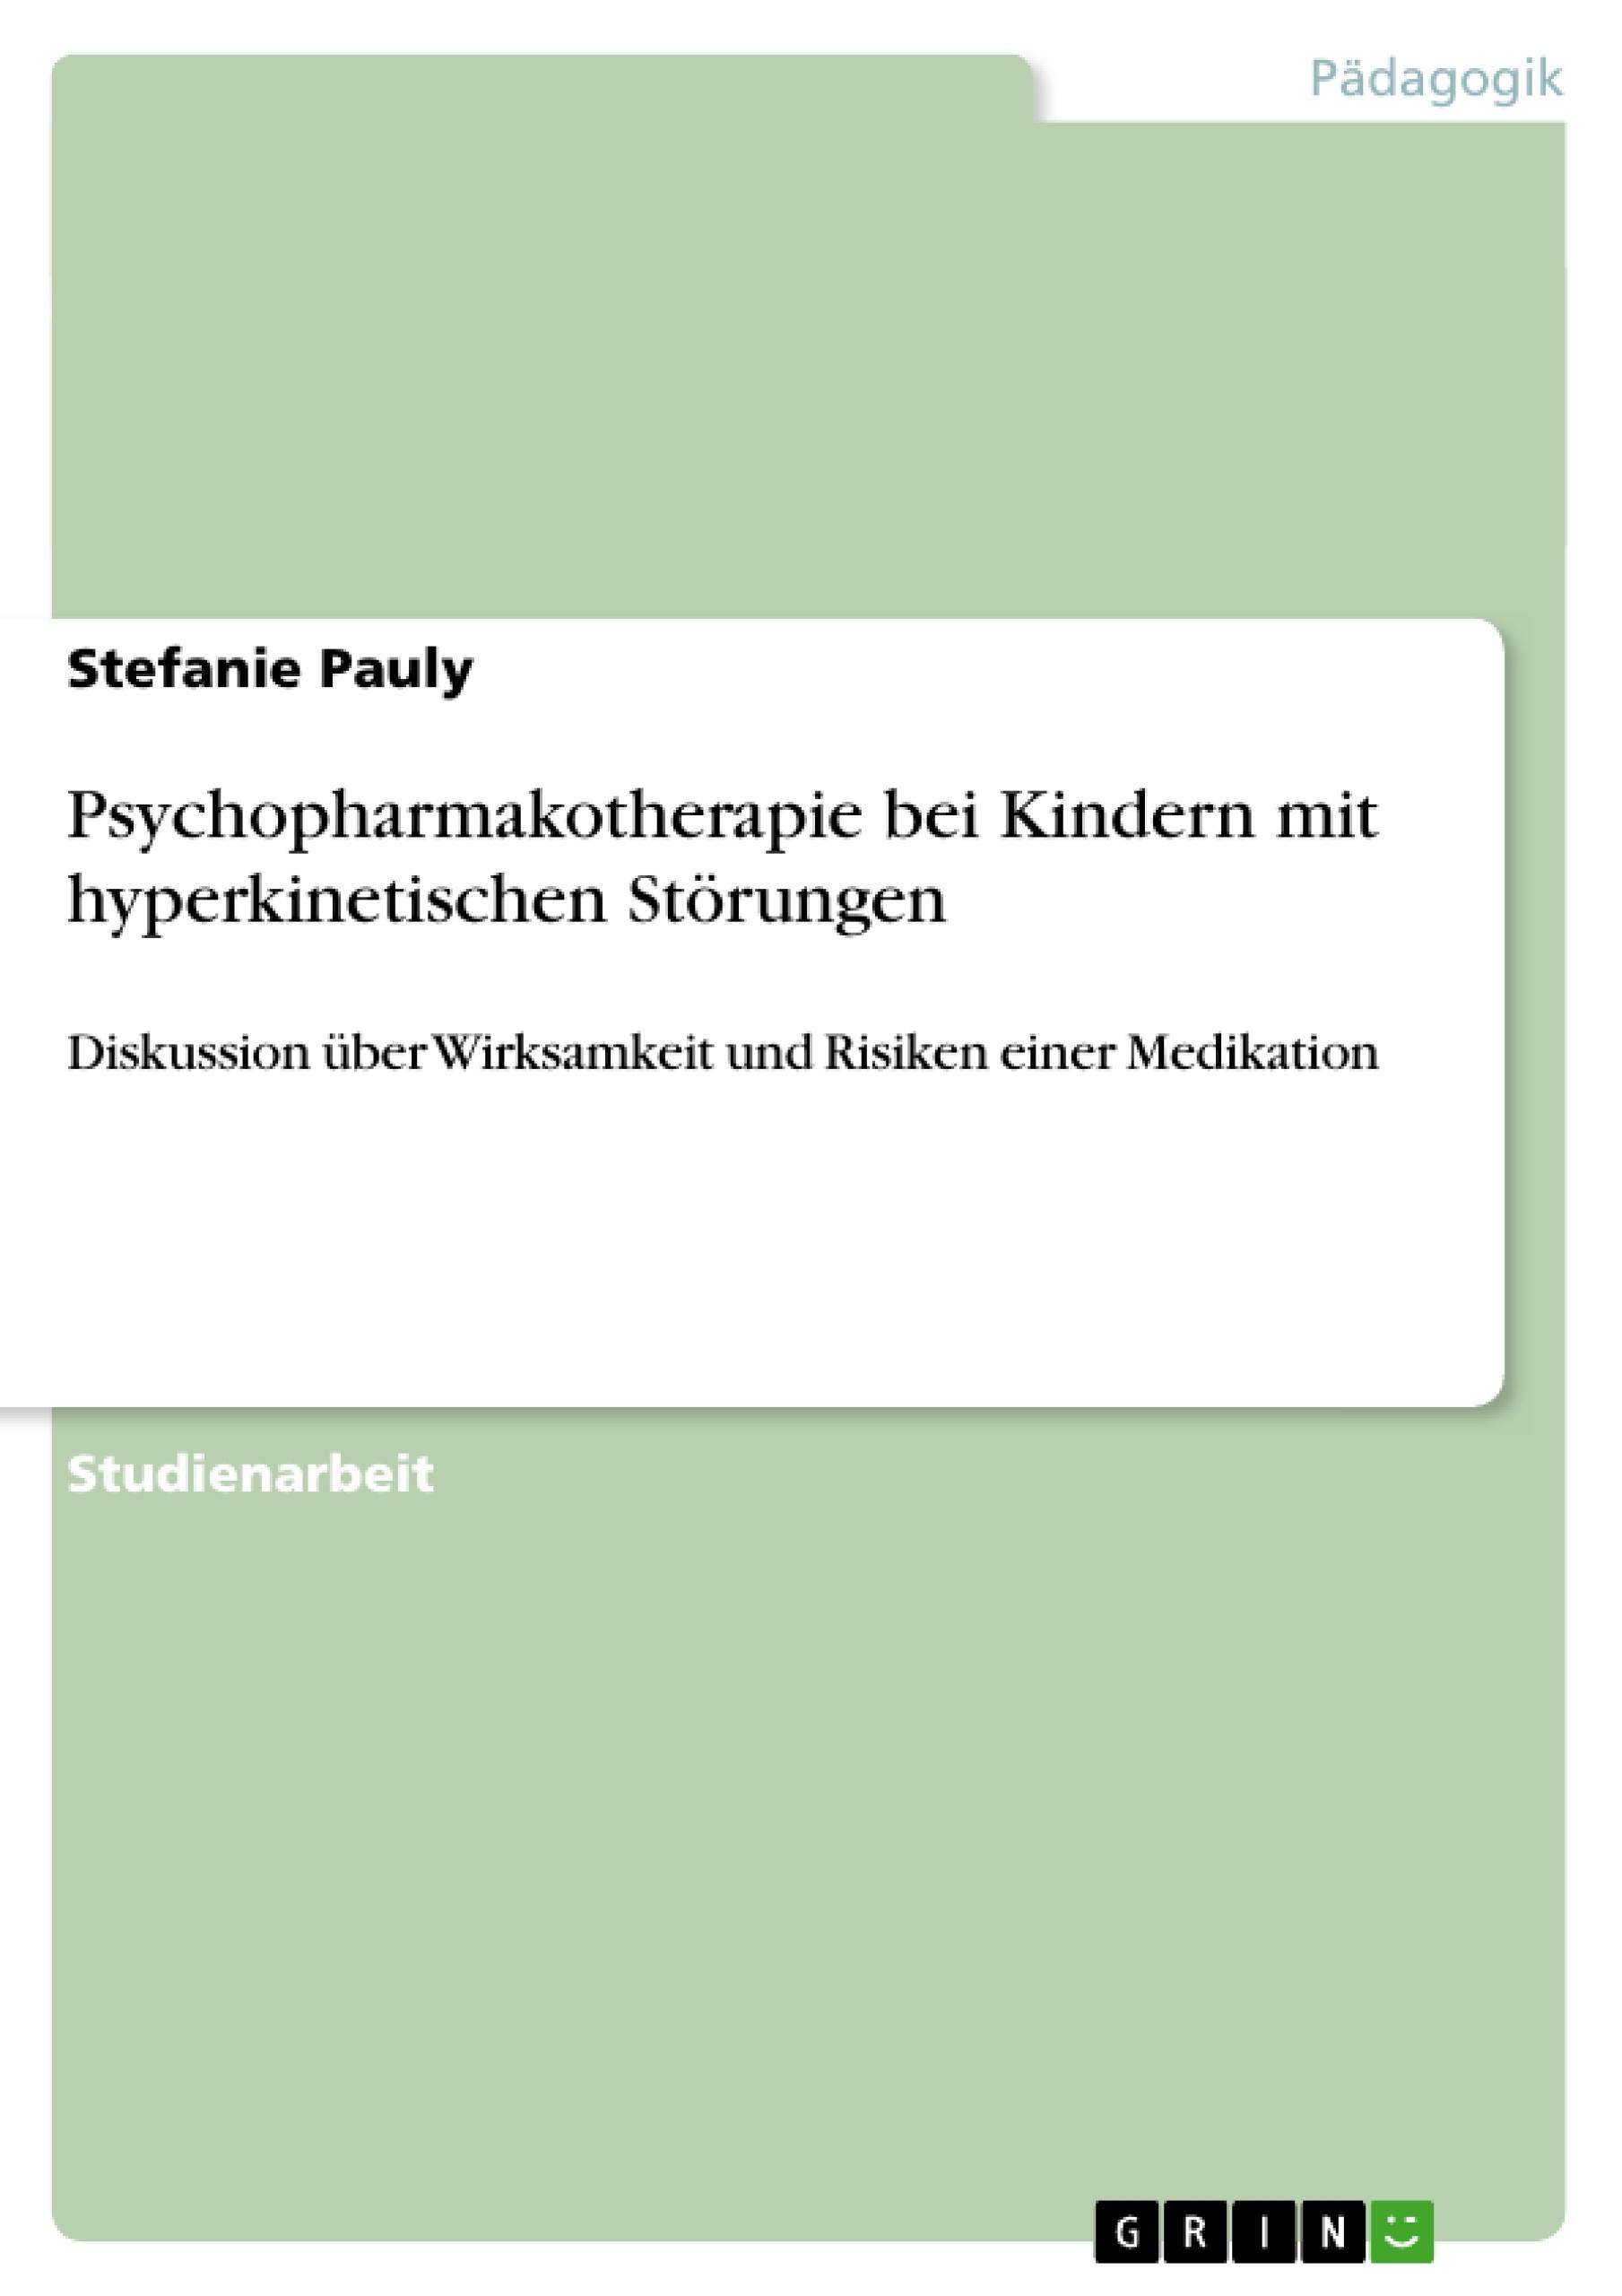 Titel: Psychopharmakotherapie bei Kindern mit hyperkinetischen Störungen